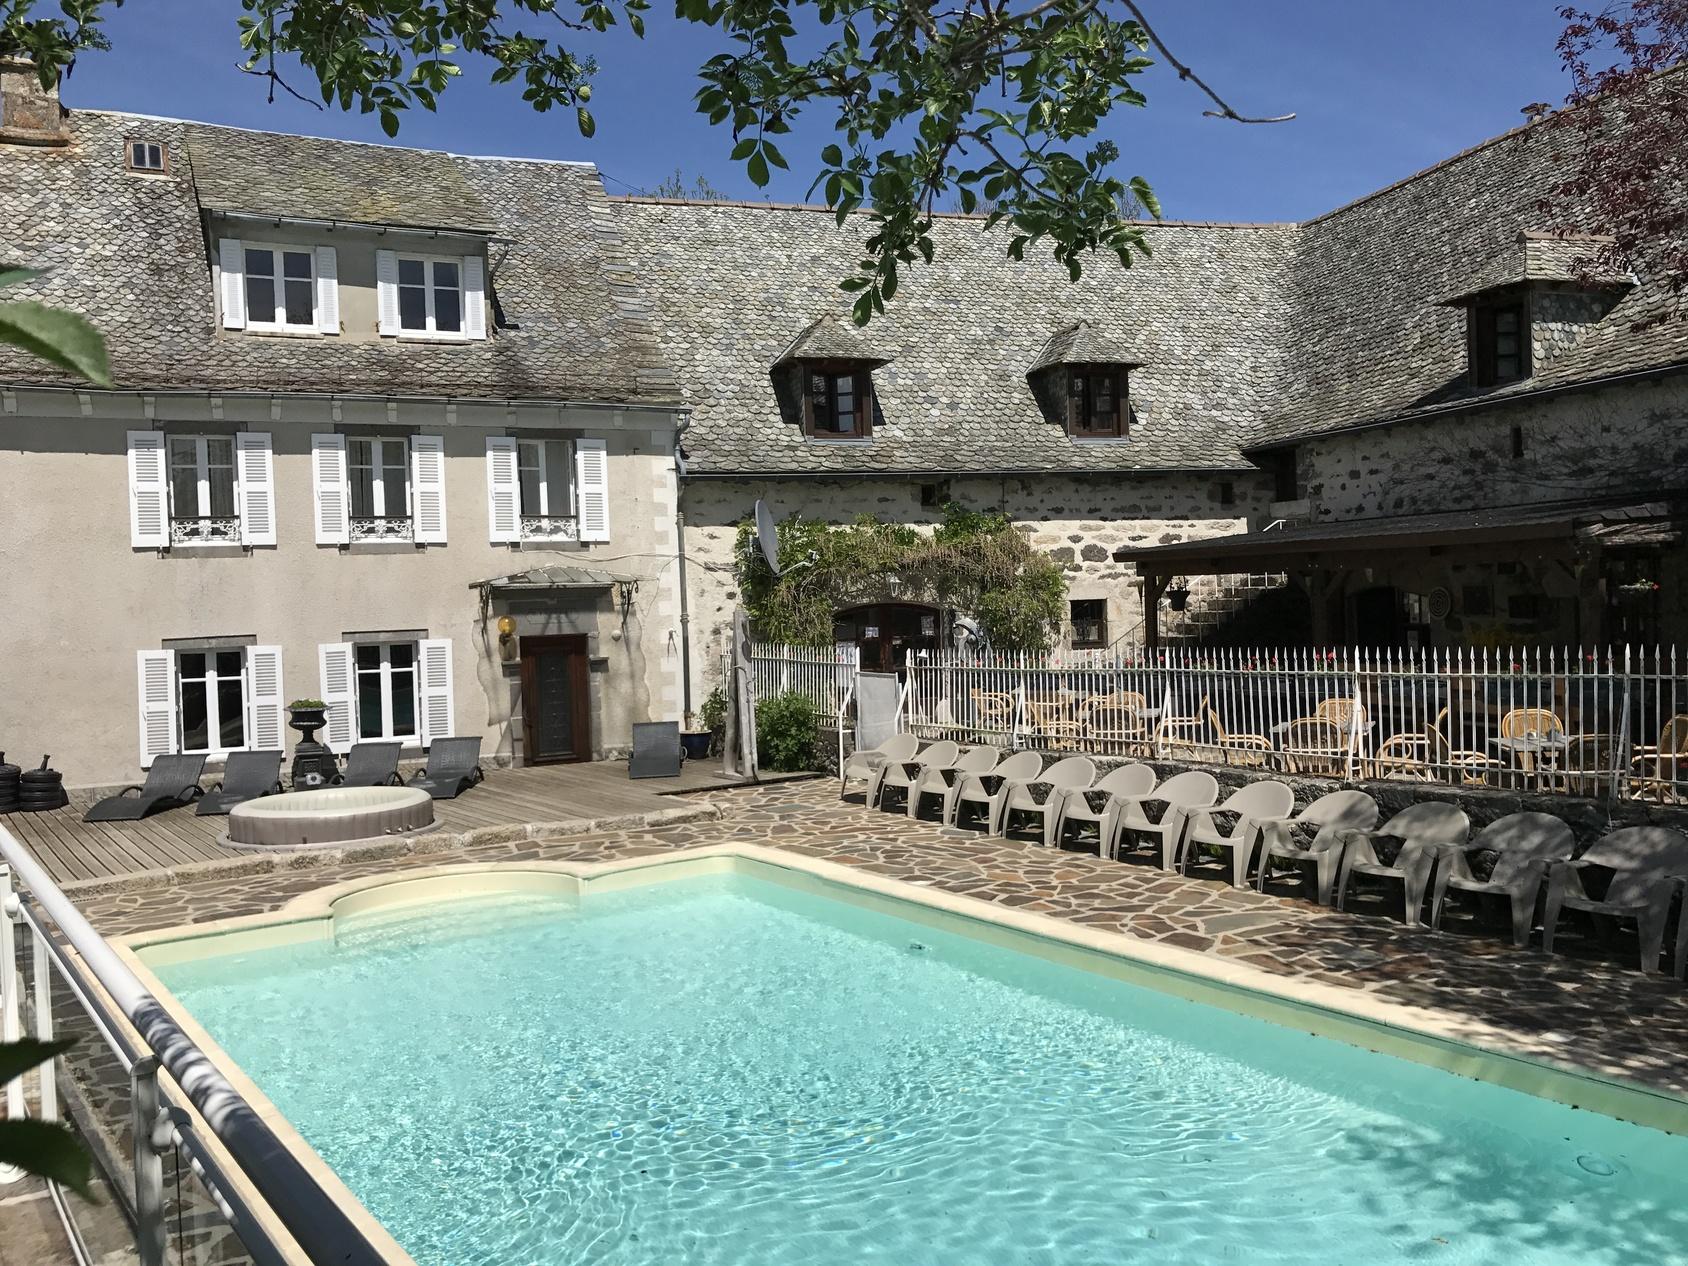 Frankrijk-Argences%20en%20Aubrac-Camping%20les%20Clos%20de%20Banes-ExtraLarge Wintersport Frankrijk